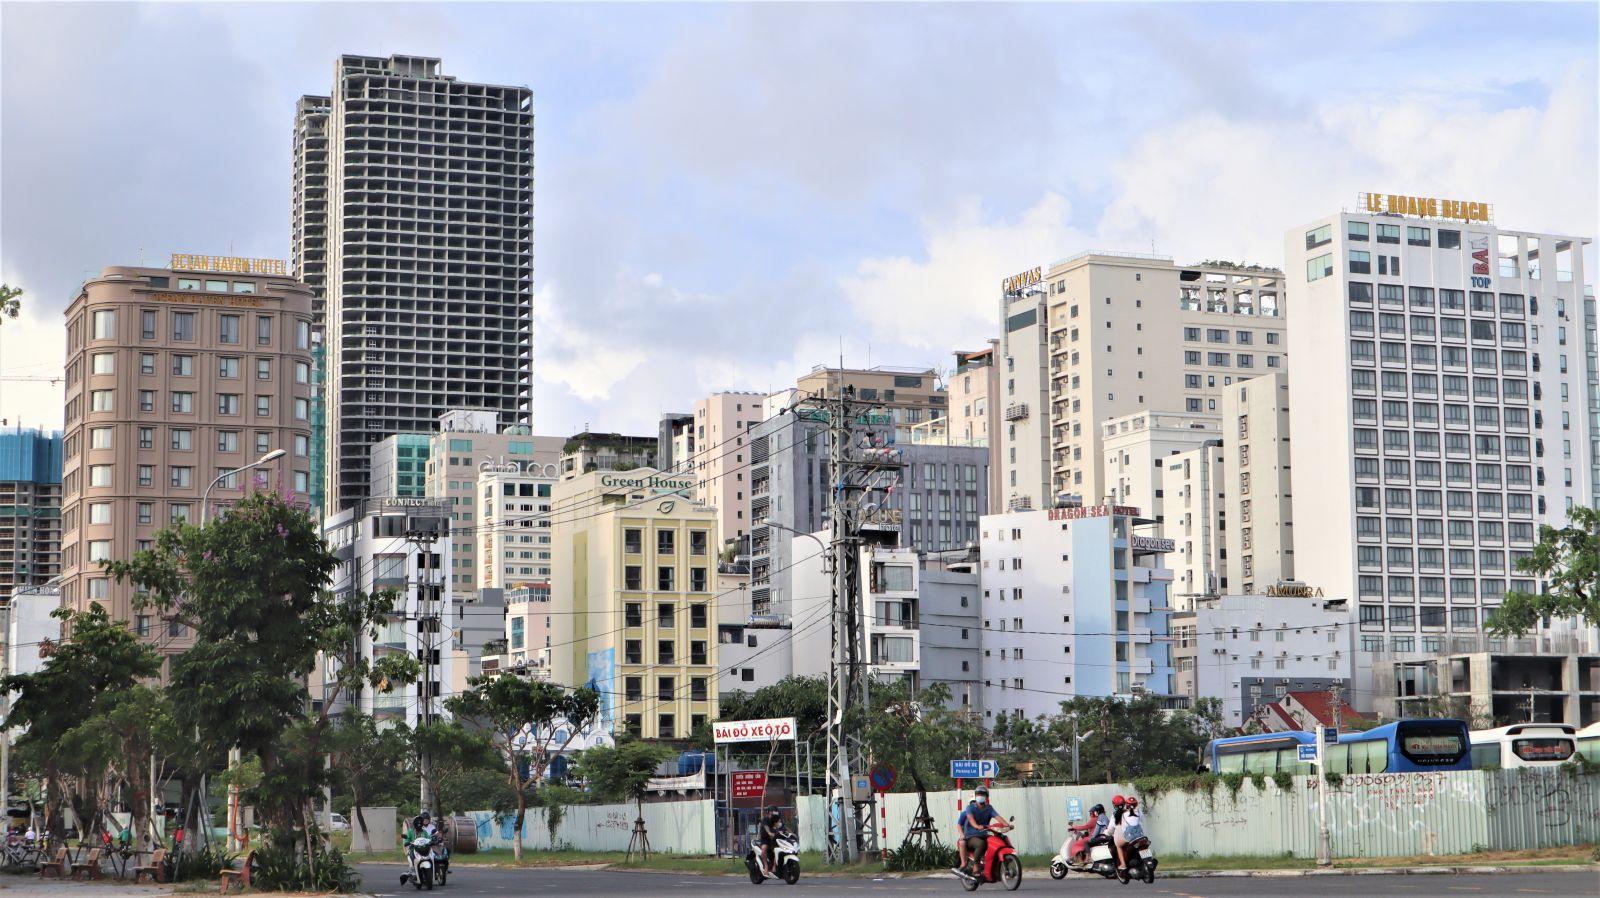 Nhiều khách sạn nằm tại ngã ba đường Võ Văn Kiệt- Hồ Nghinh, có vị trí thuận lợi khi nằm gần ngay biển, khu vực từng tập trung rất đông du khách vẫn chưa hoạt động trở lại.